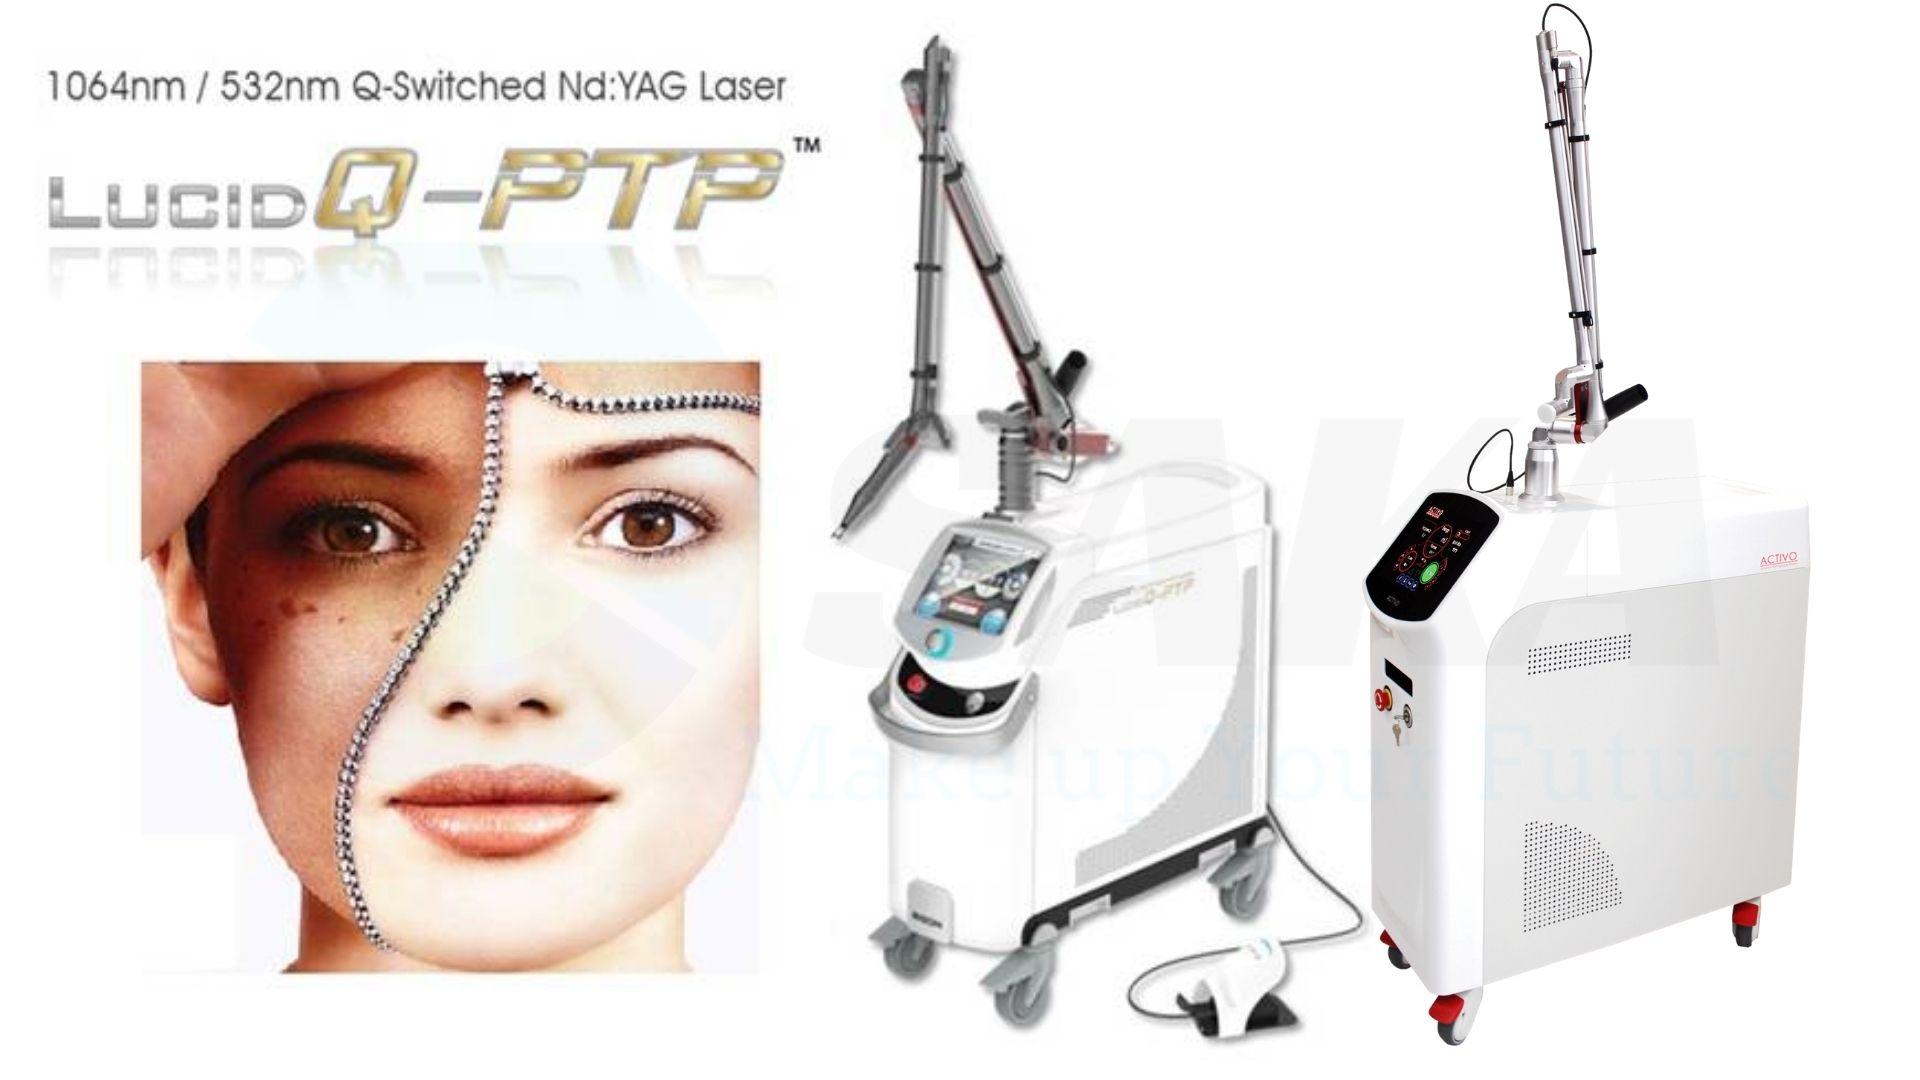 Ưu điểm công nghệ trị nám Q-Swithched ND YAG